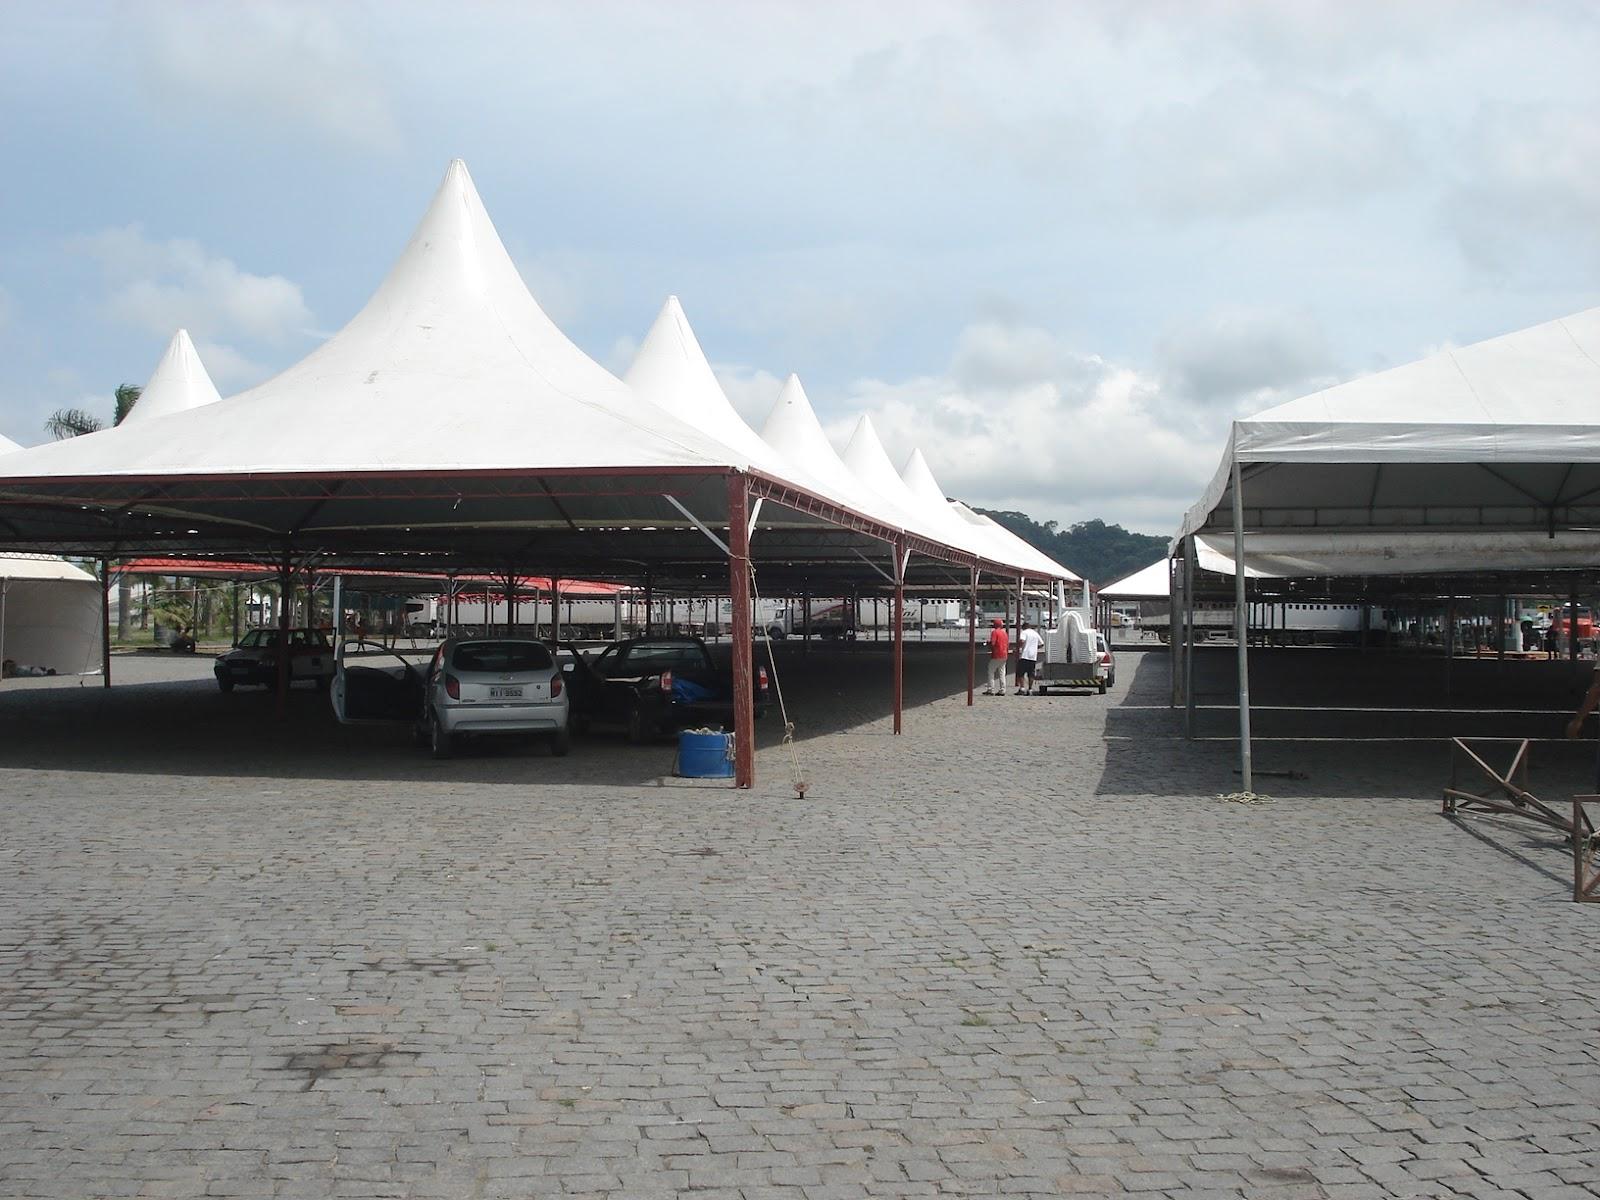 Nossas tendas se destacam pelo projeto inovador pela qualidade das  #426789 1600 1200